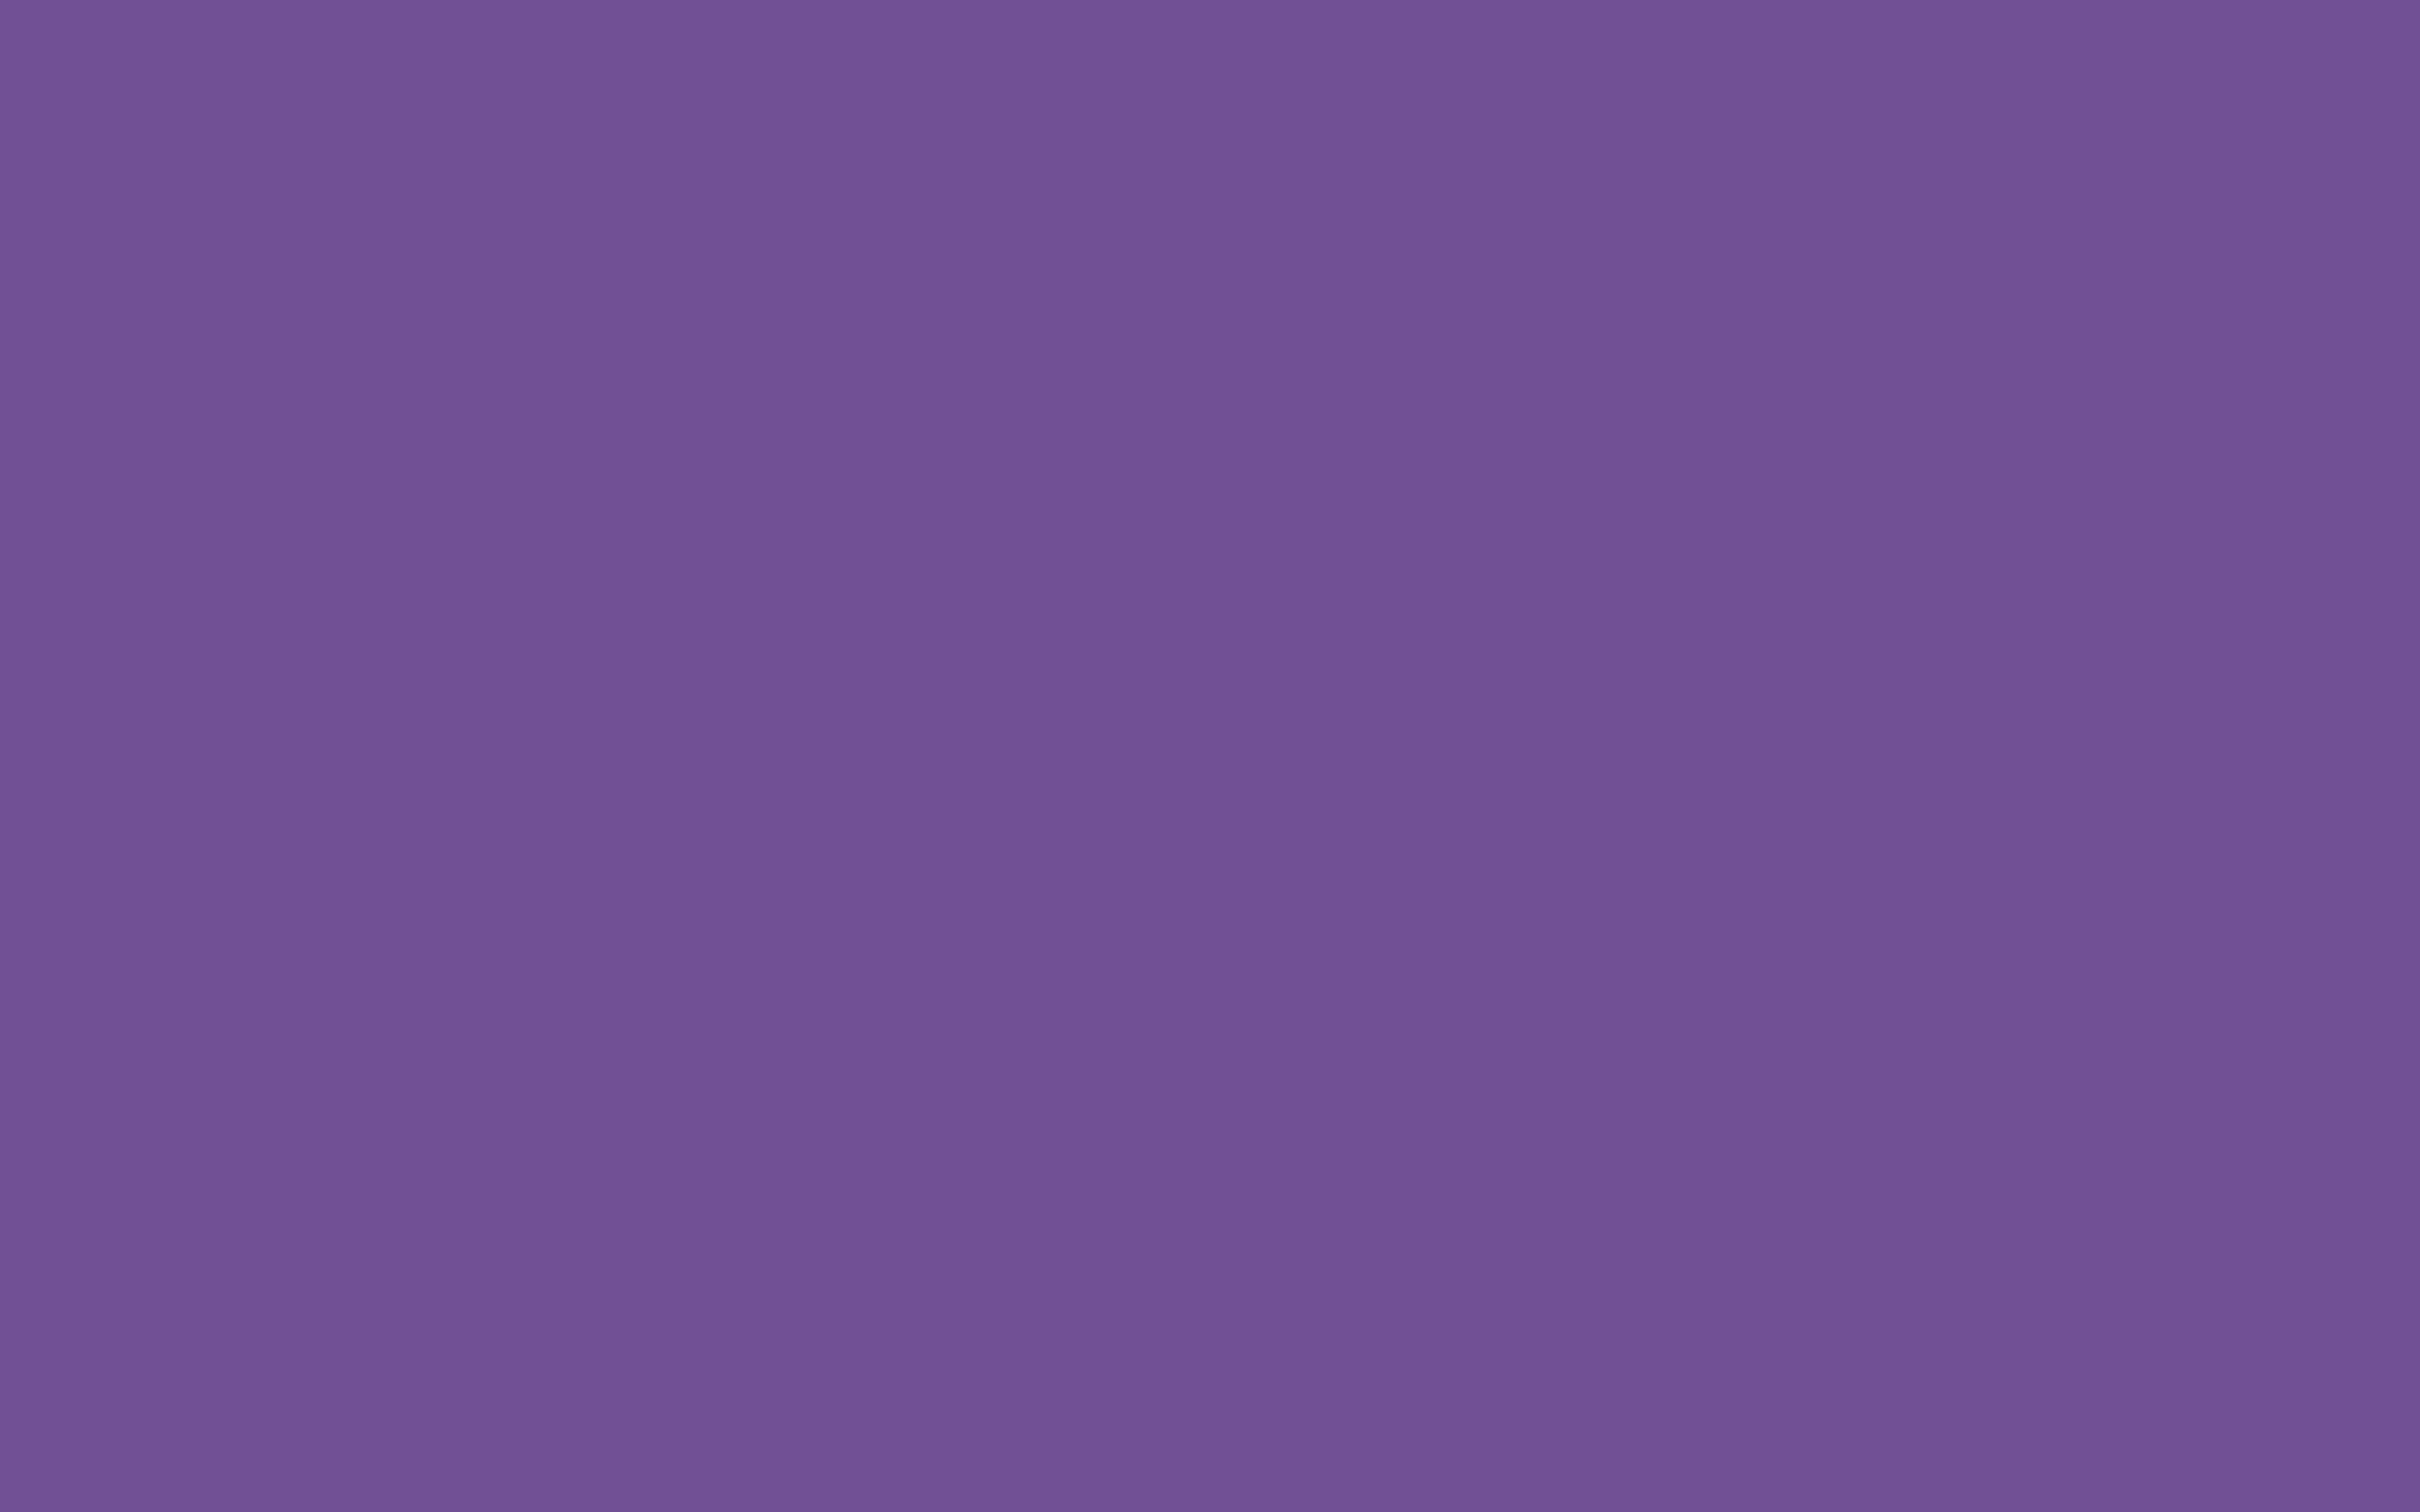 2560x1600 Dark Lavender Solid Color Background